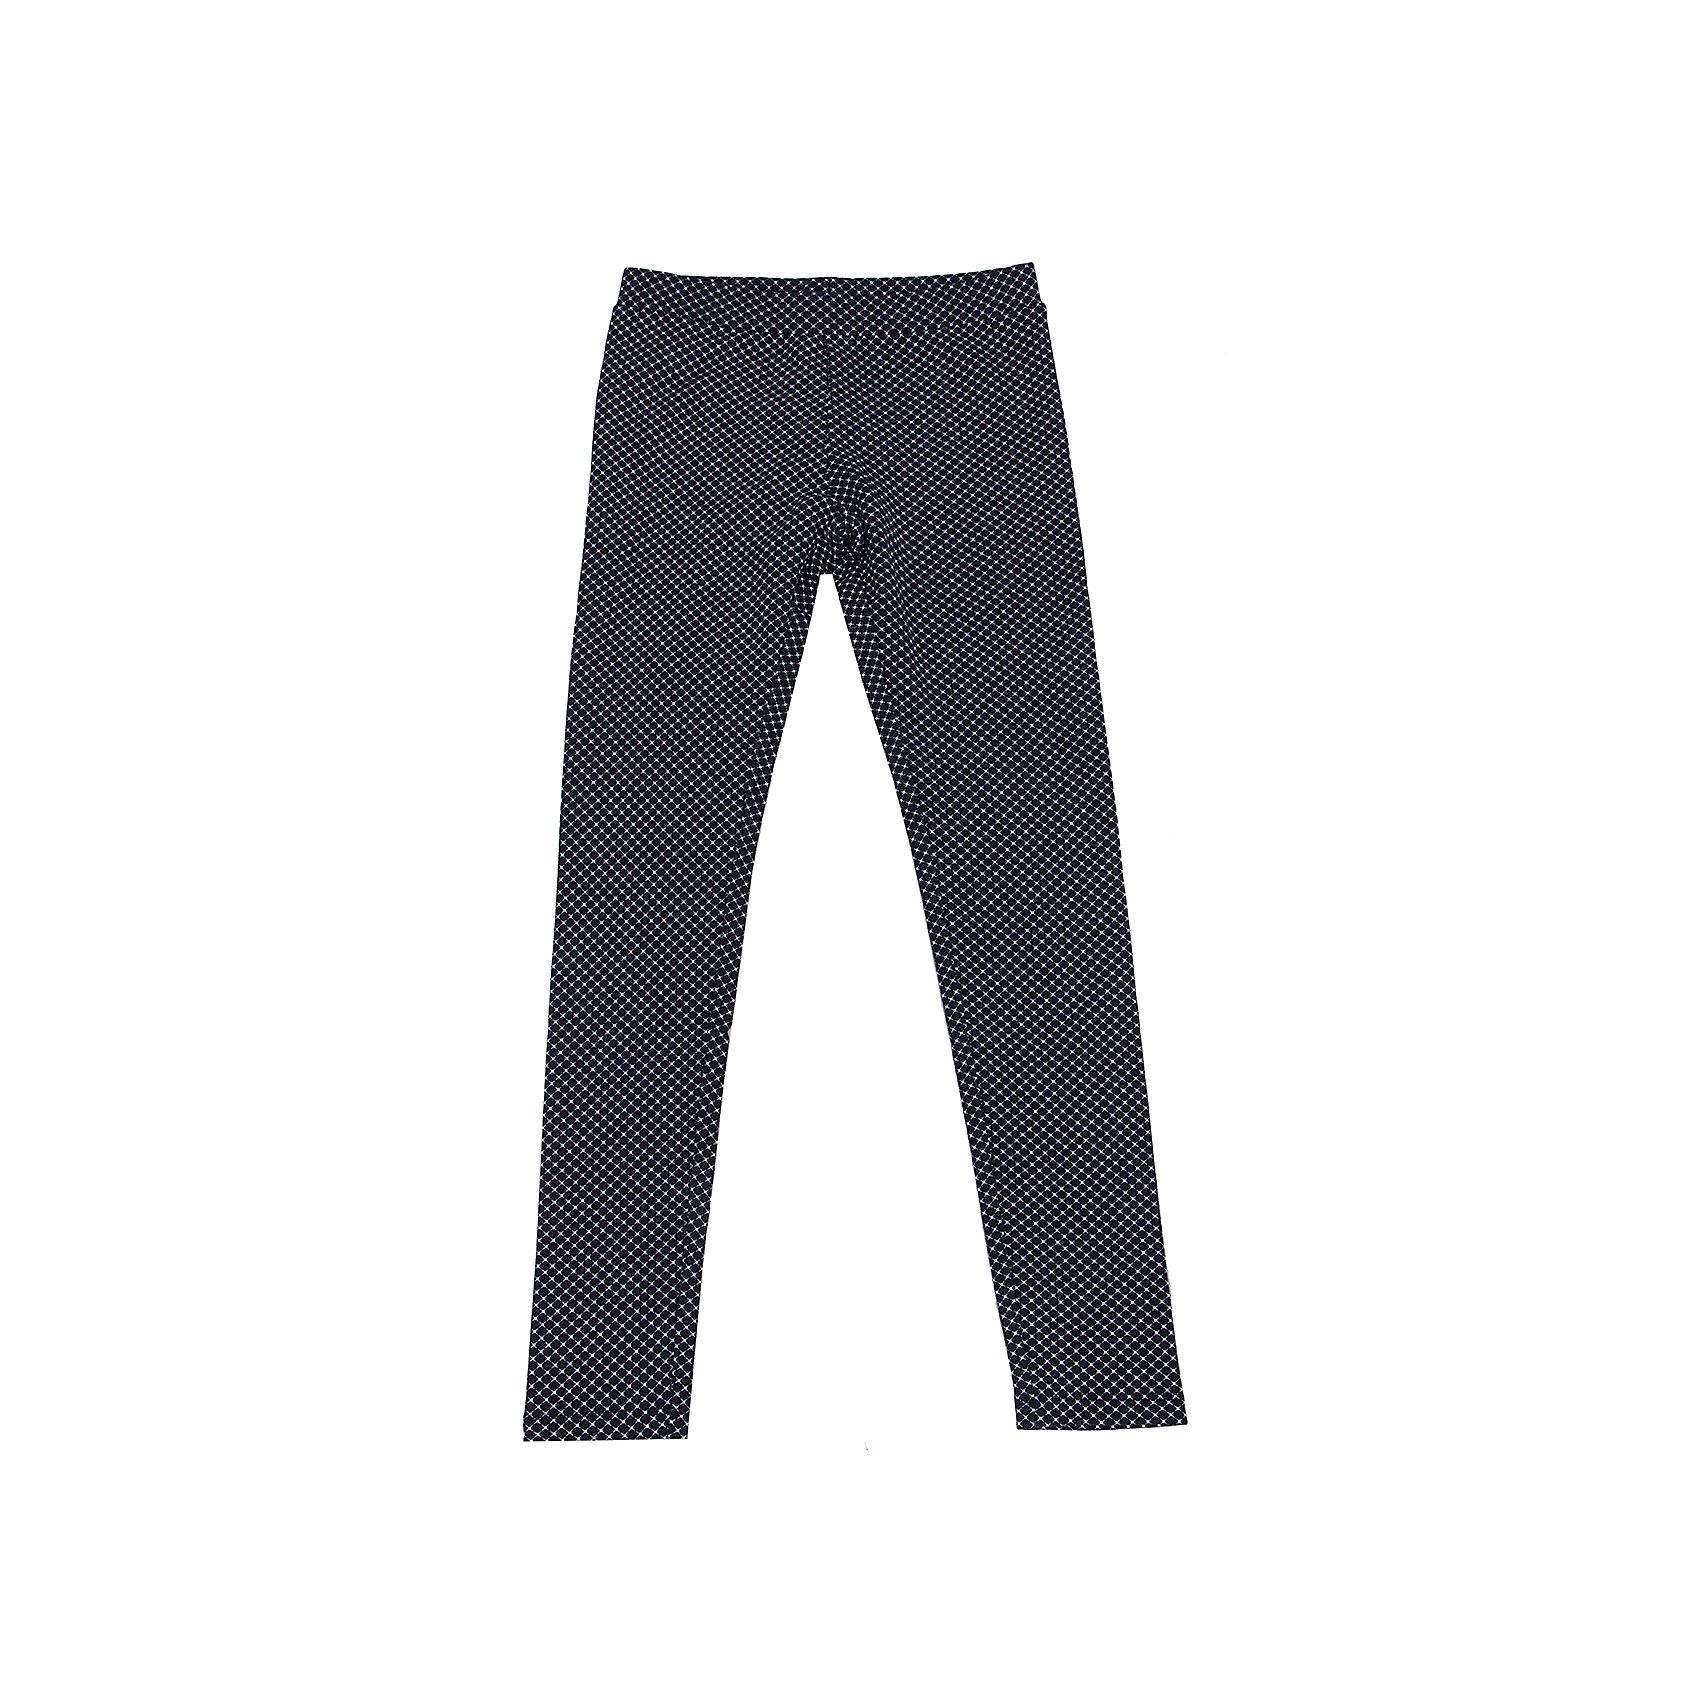 SELA Леггинсы для девочки SELA брюки для девочки btc цвет черный 12 017900 размер 40 158